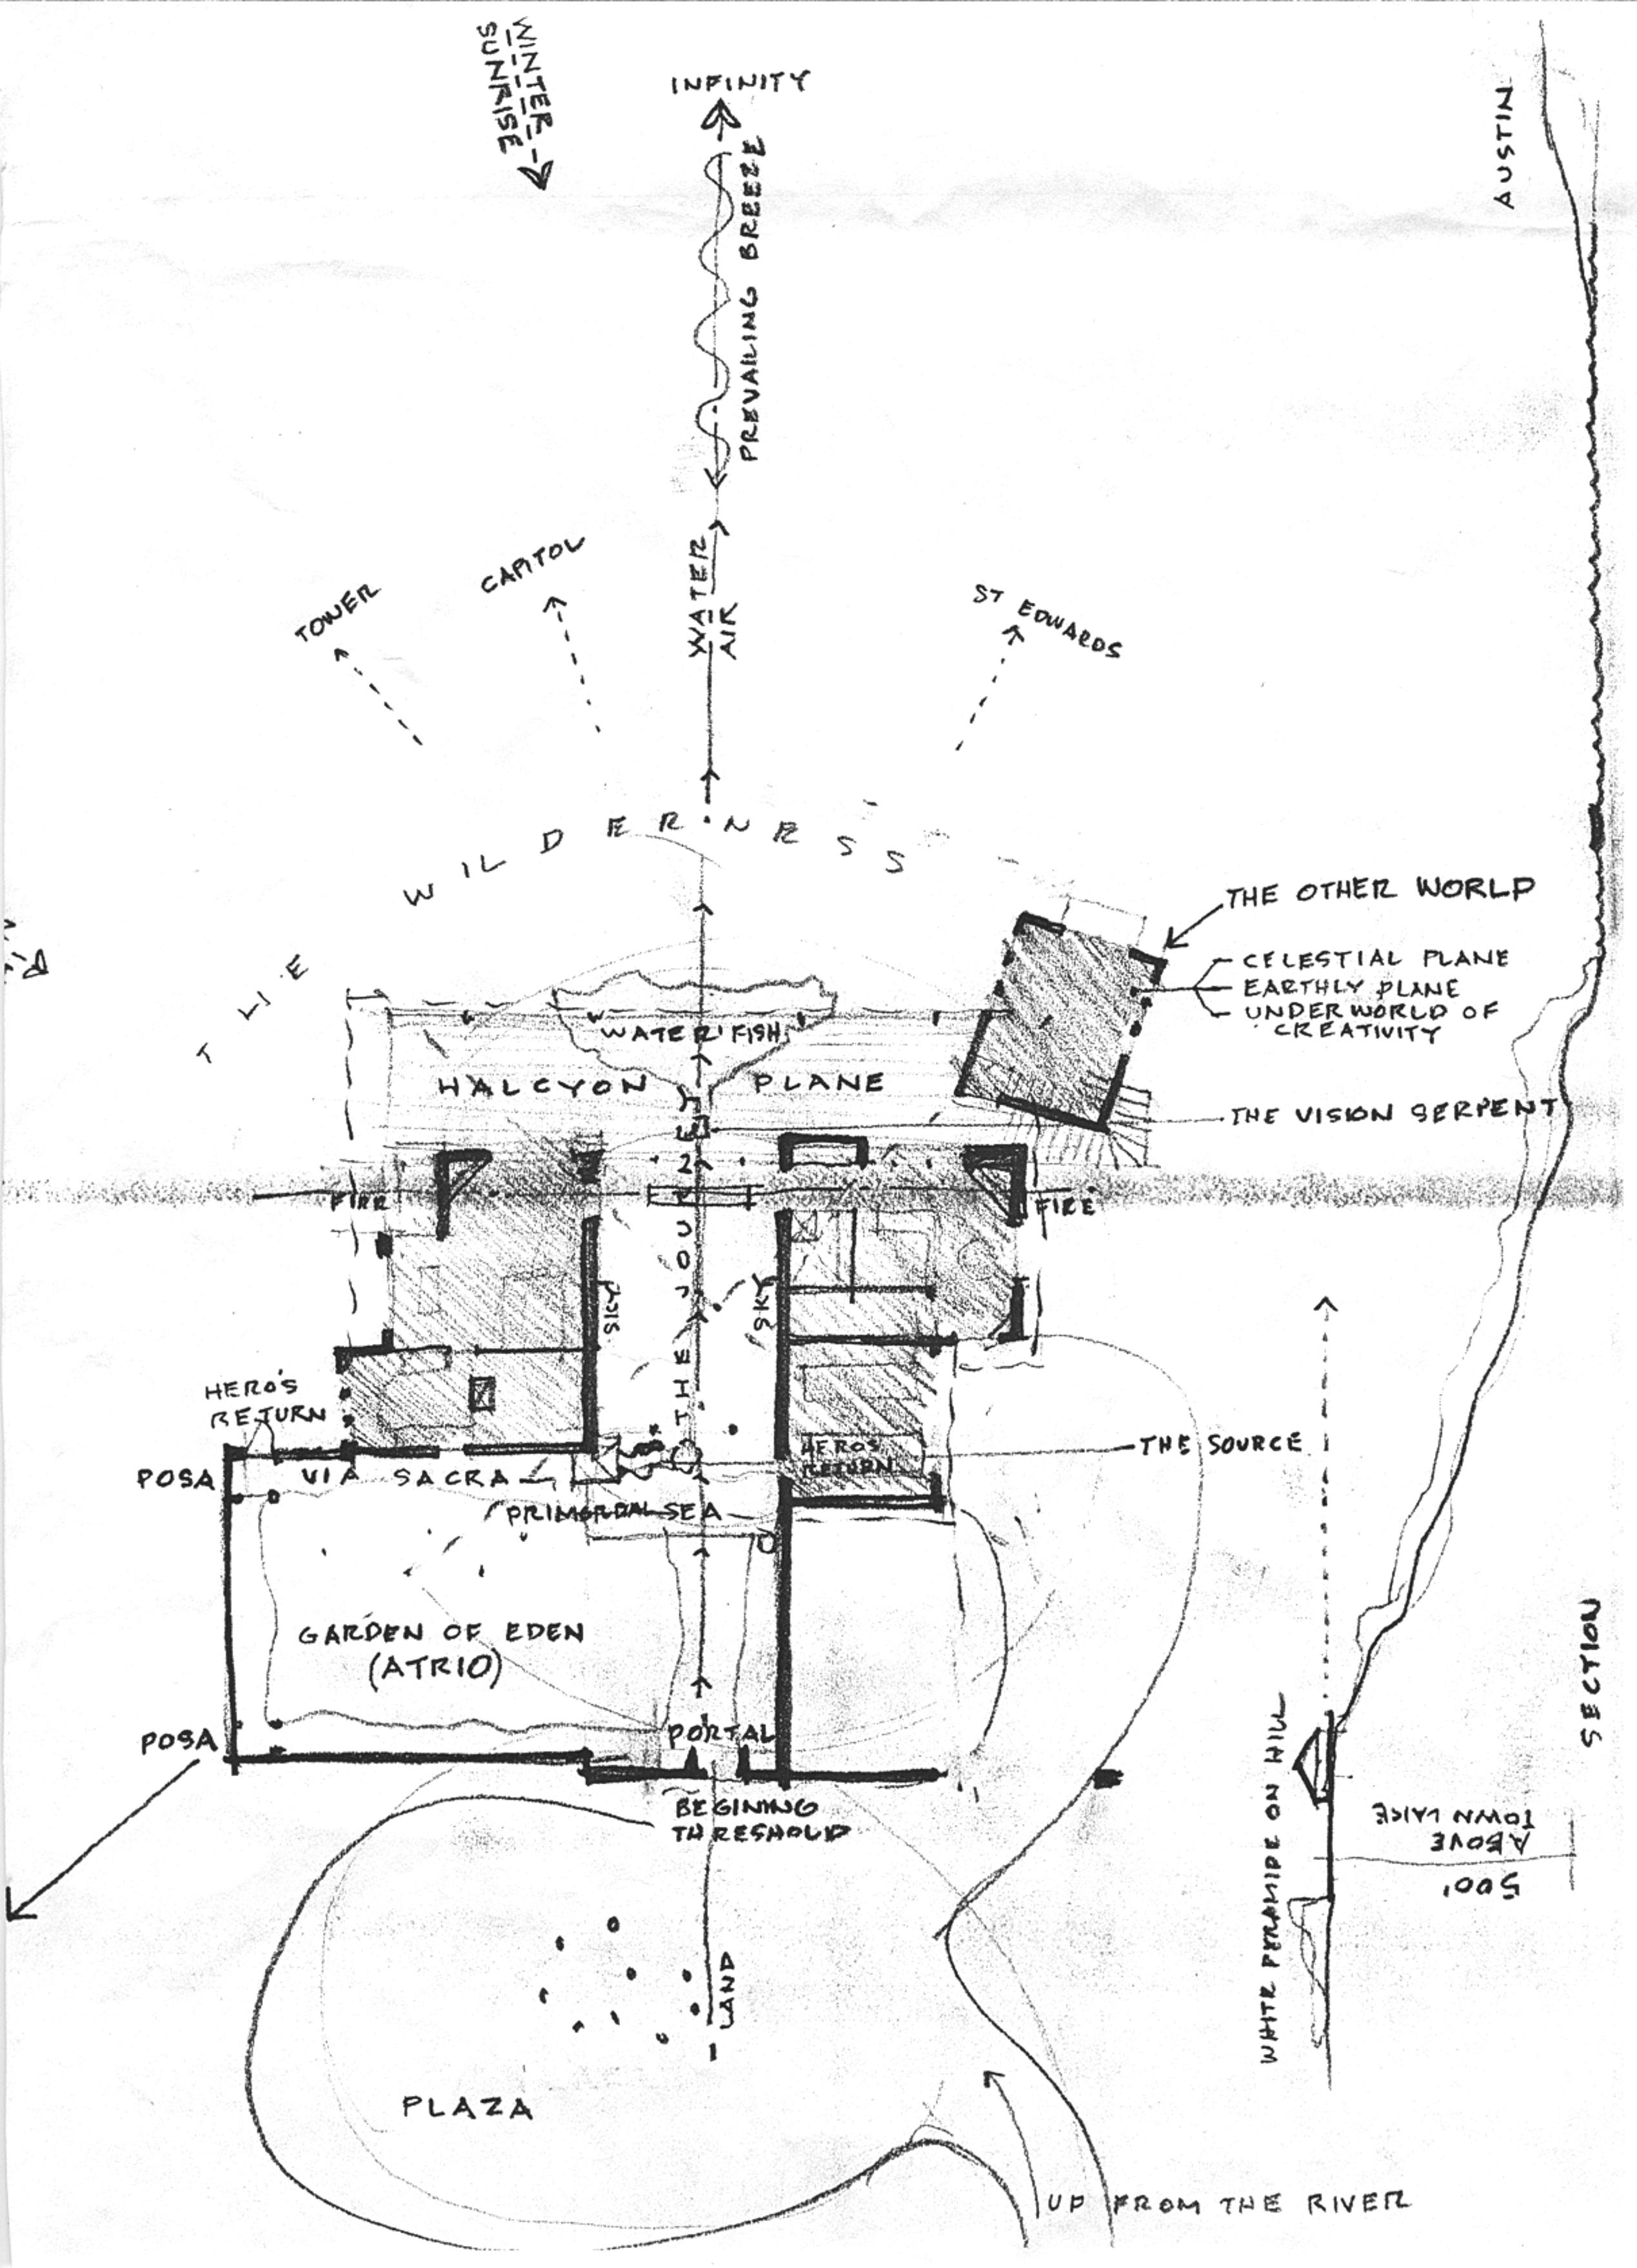 Нарисованный автором концептуальный эскиз Дома на Ноб-Хилл, показывающий рельеф, виды и программу. Остин, Техас, 1991